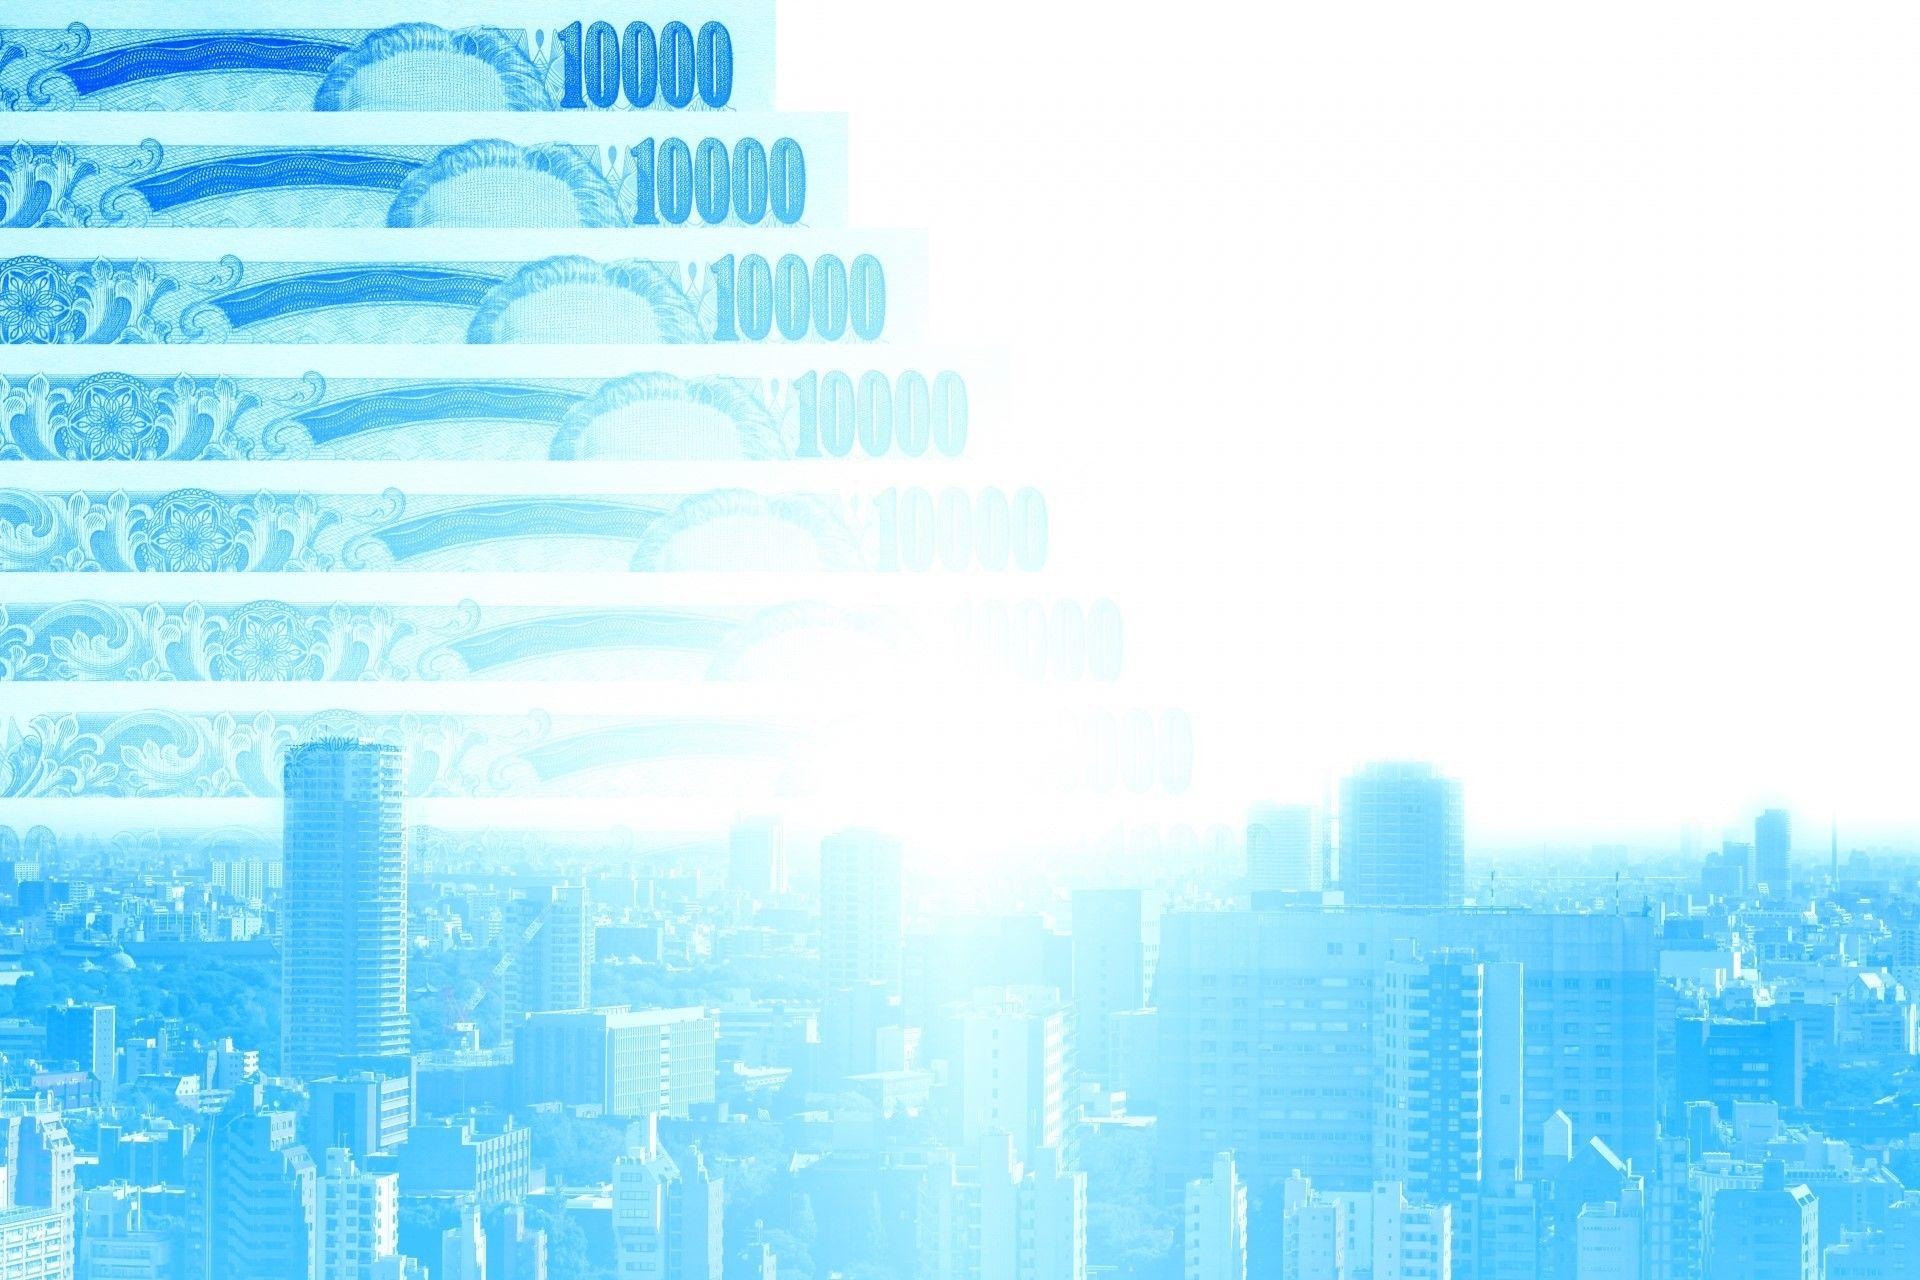 M&Aの相続対策、「ゼロクーポン債」を活用する